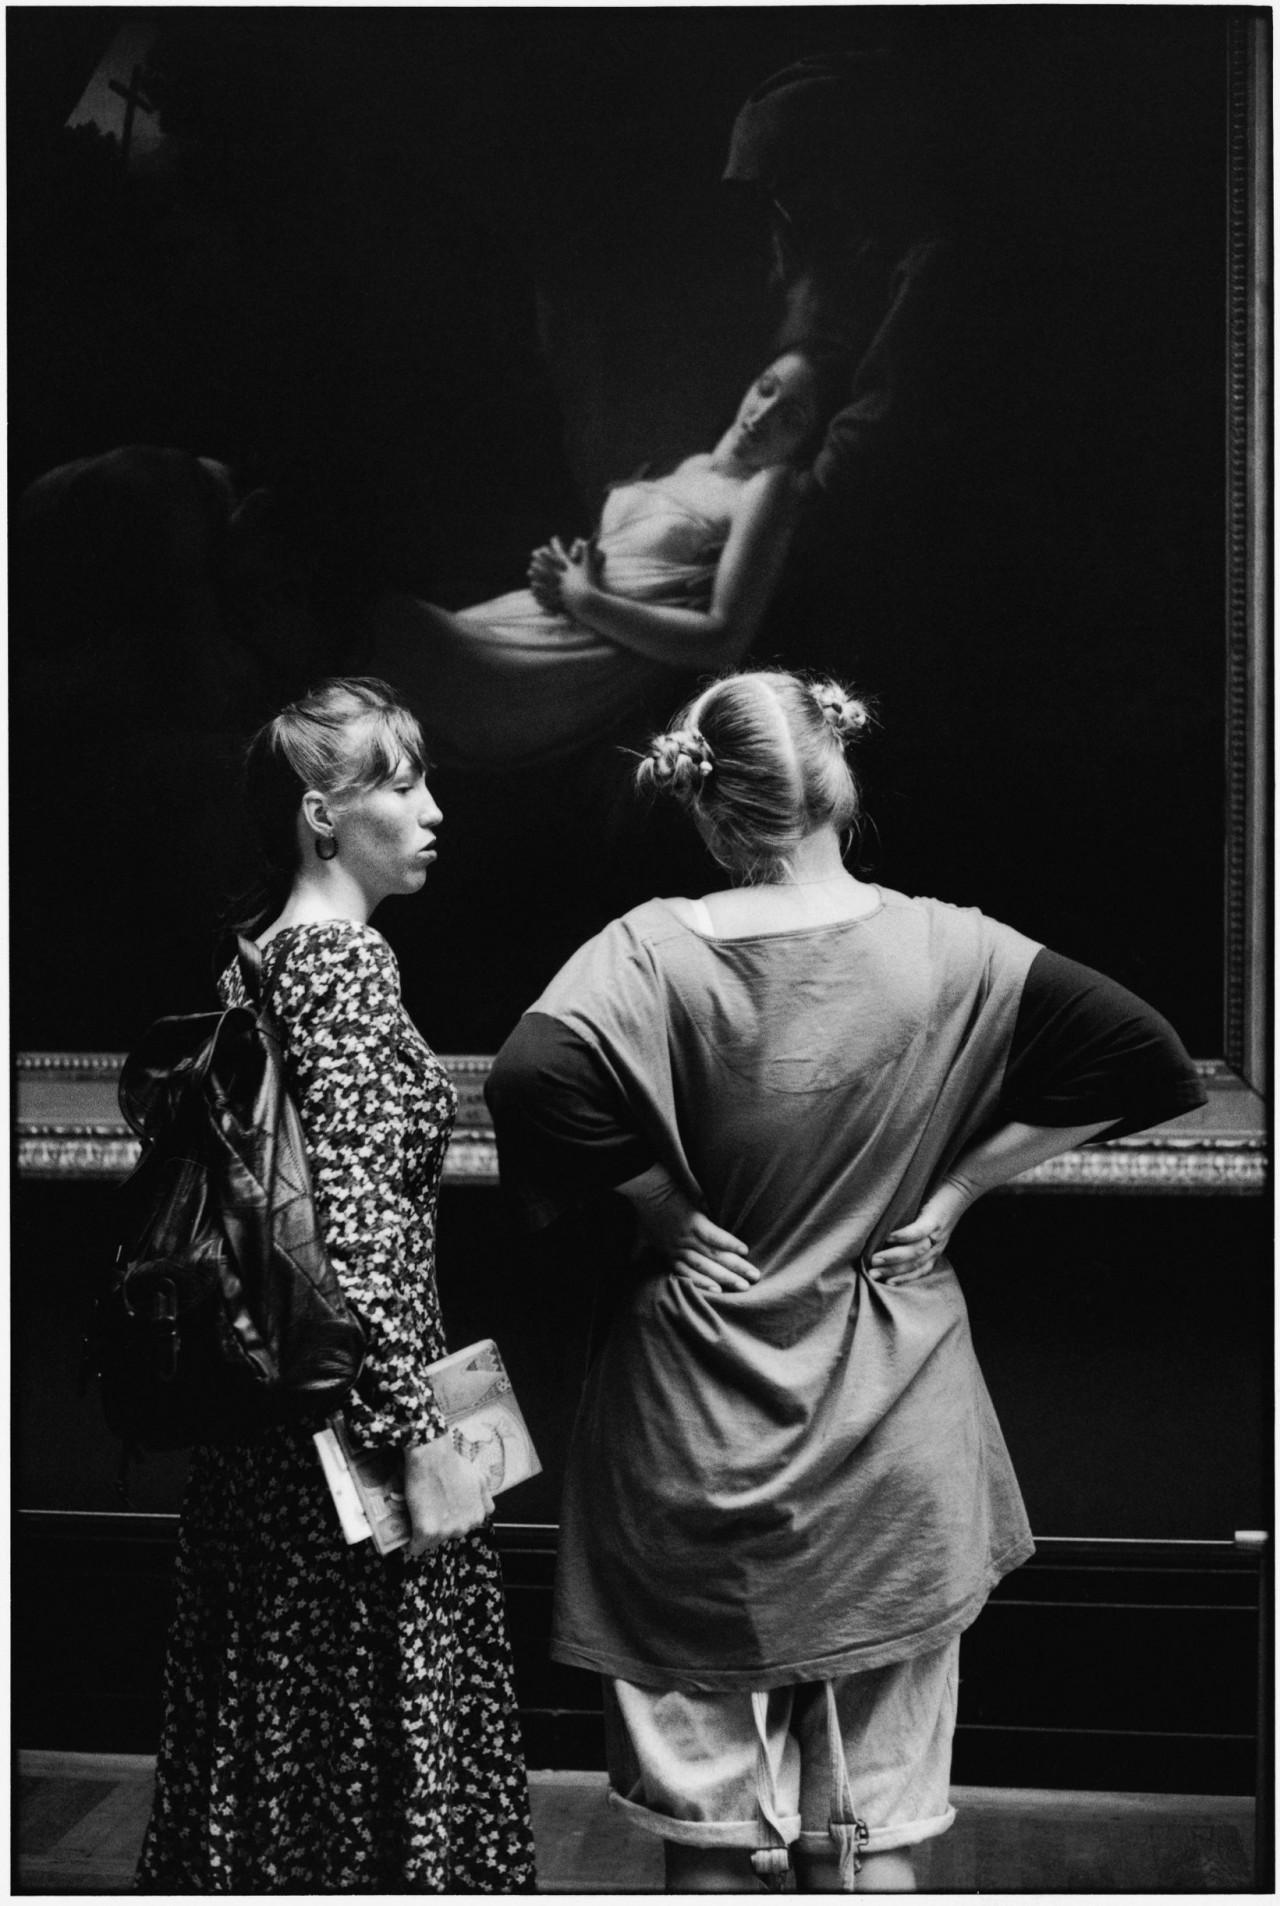 Лувр, Париж, 1993. Фотограф Алесио де Андраде